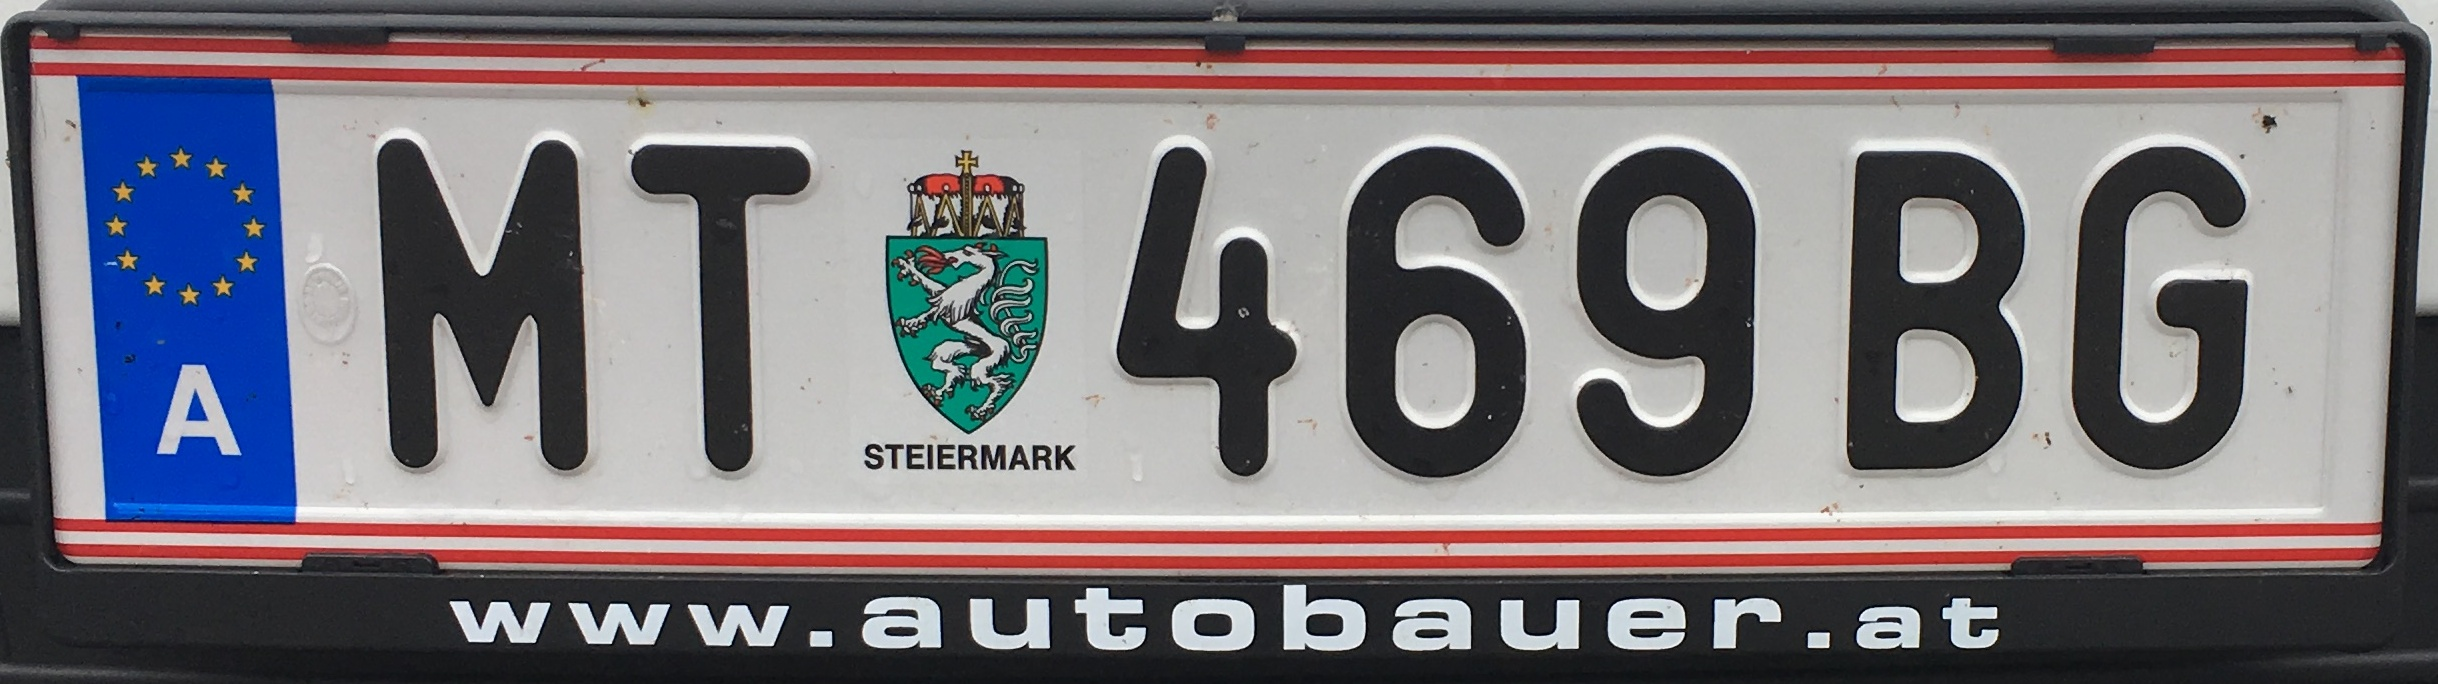 Registrační značka Rakousko - MT - Murtal, foto: www.podalnici.cz